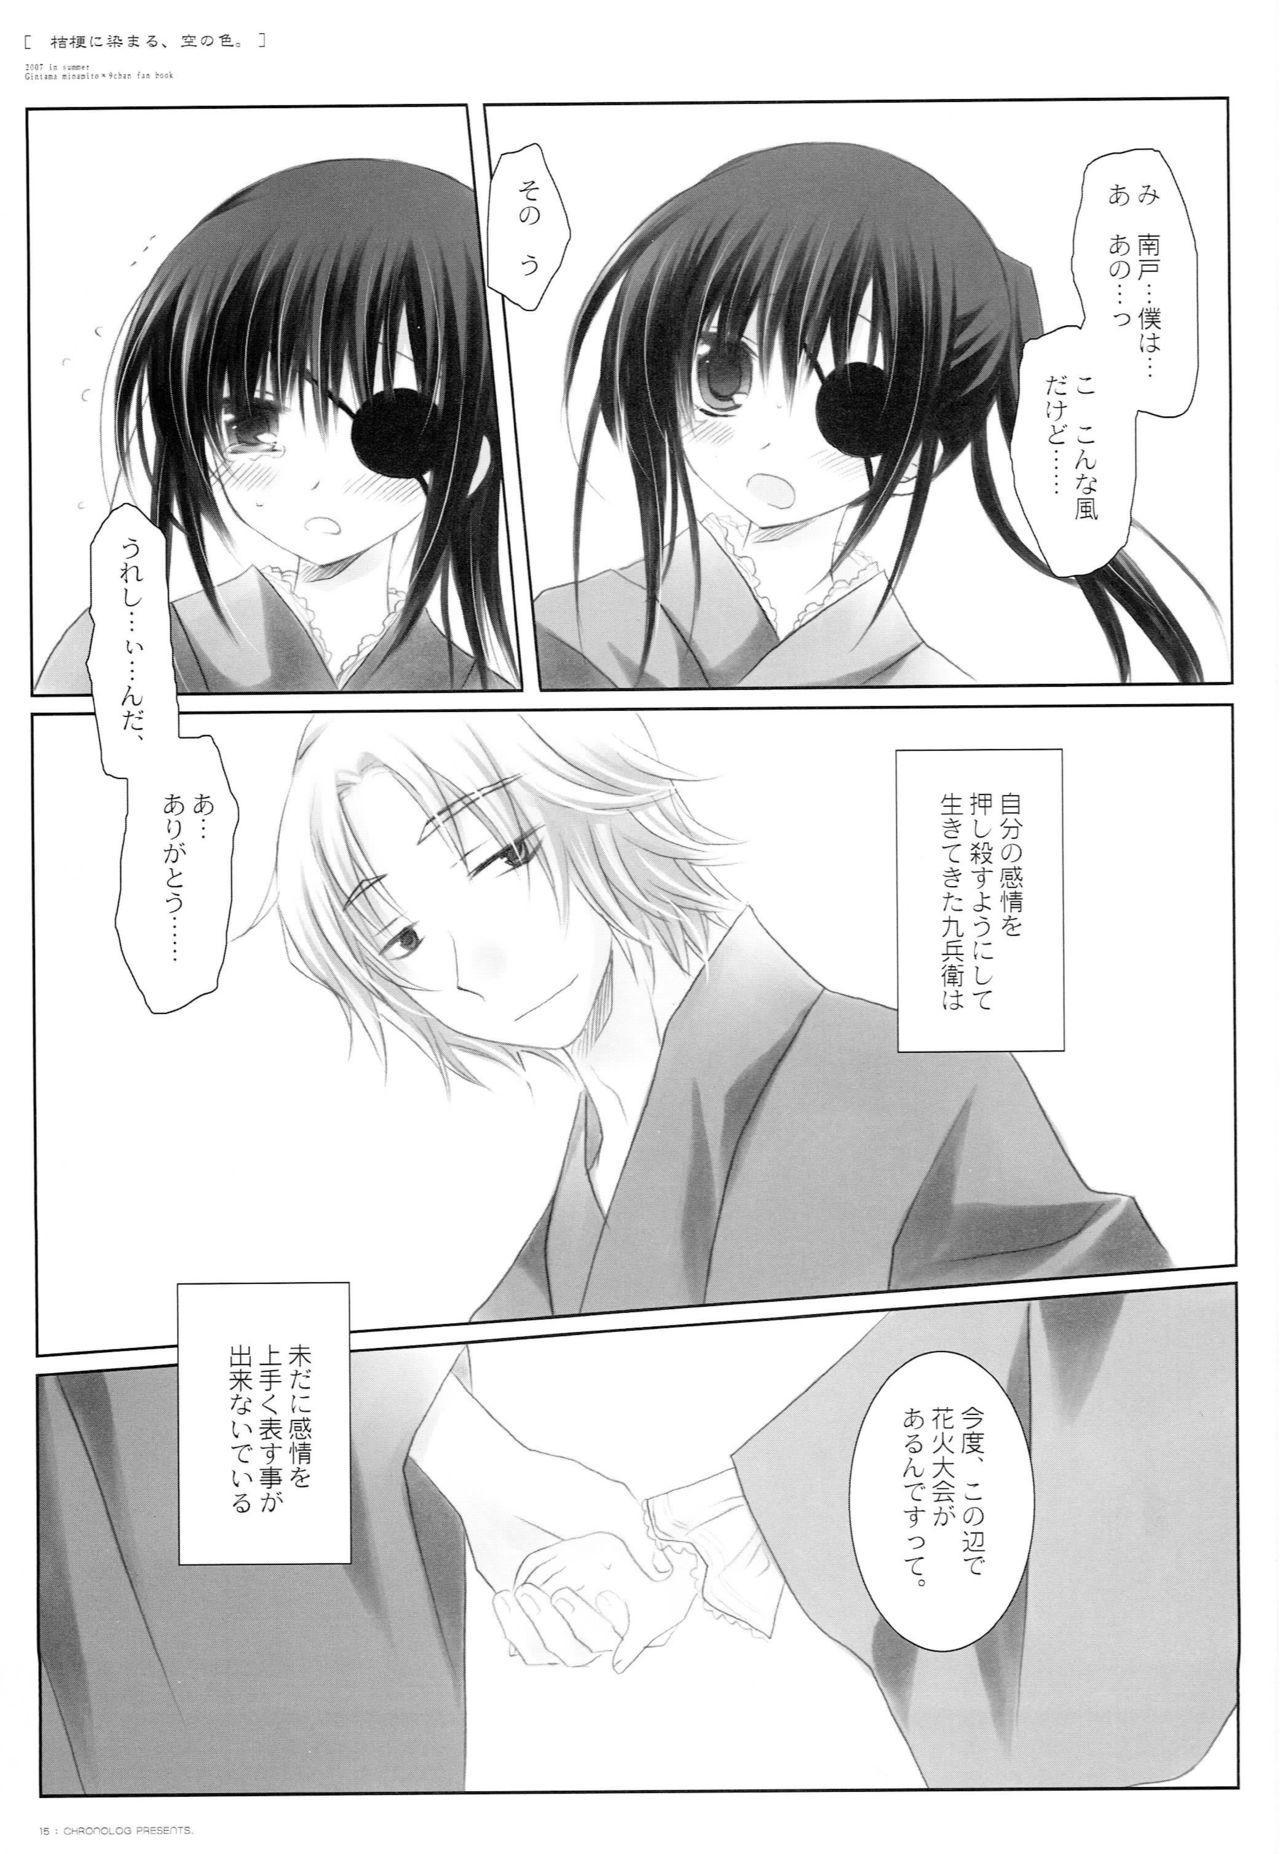 Kikyou ni Somaru Sora no Iro 13